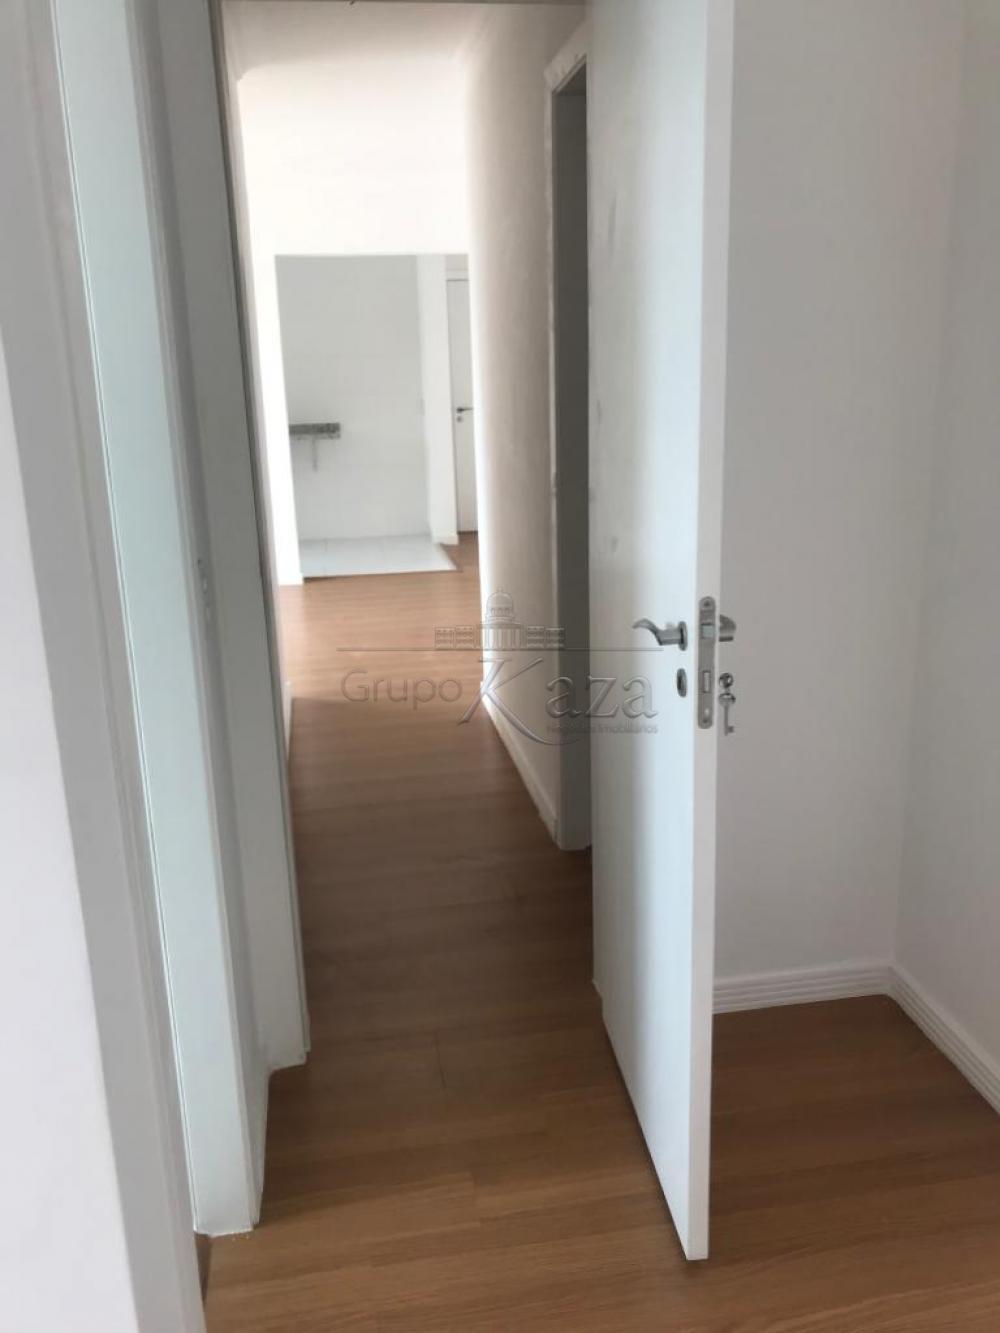 alt='Comprar Apartamento / Padrão em São José dos Campos R$ 350.000,00 - Foto 15' title='Comprar Apartamento / Padrão em São José dos Campos R$ 350.000,00 - Foto 15'